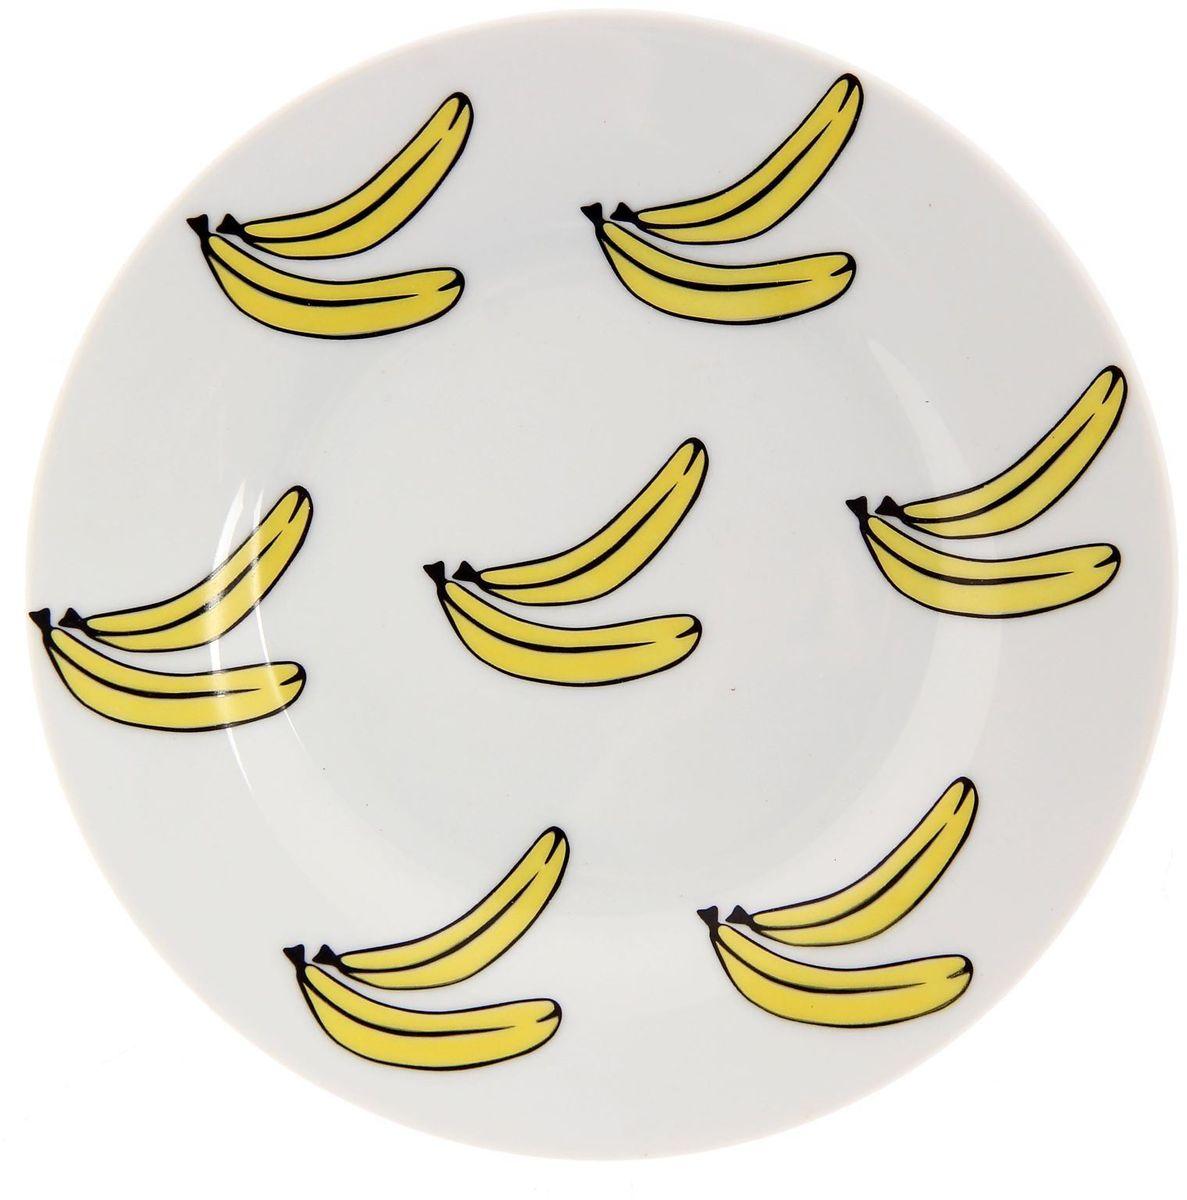 Тарелка мелкая Сотвори чудо Бананы, диаметр 15,5 см115510Хотите обновить интерьер кухни или гостиной? Устраиваете необычную фотосессию или тематический праздник? А может, просто ищете подарок для близкого человека? Посуда Сотвори Чудо — правильный выбор в любой ситуации. Тарелка Сотвори Чудо, изготовленная из изящного фаянса нежного сливочного цвета, оформлена оригинальным рисунком со стойкой краской. Пригодна для посудомоечной машины.